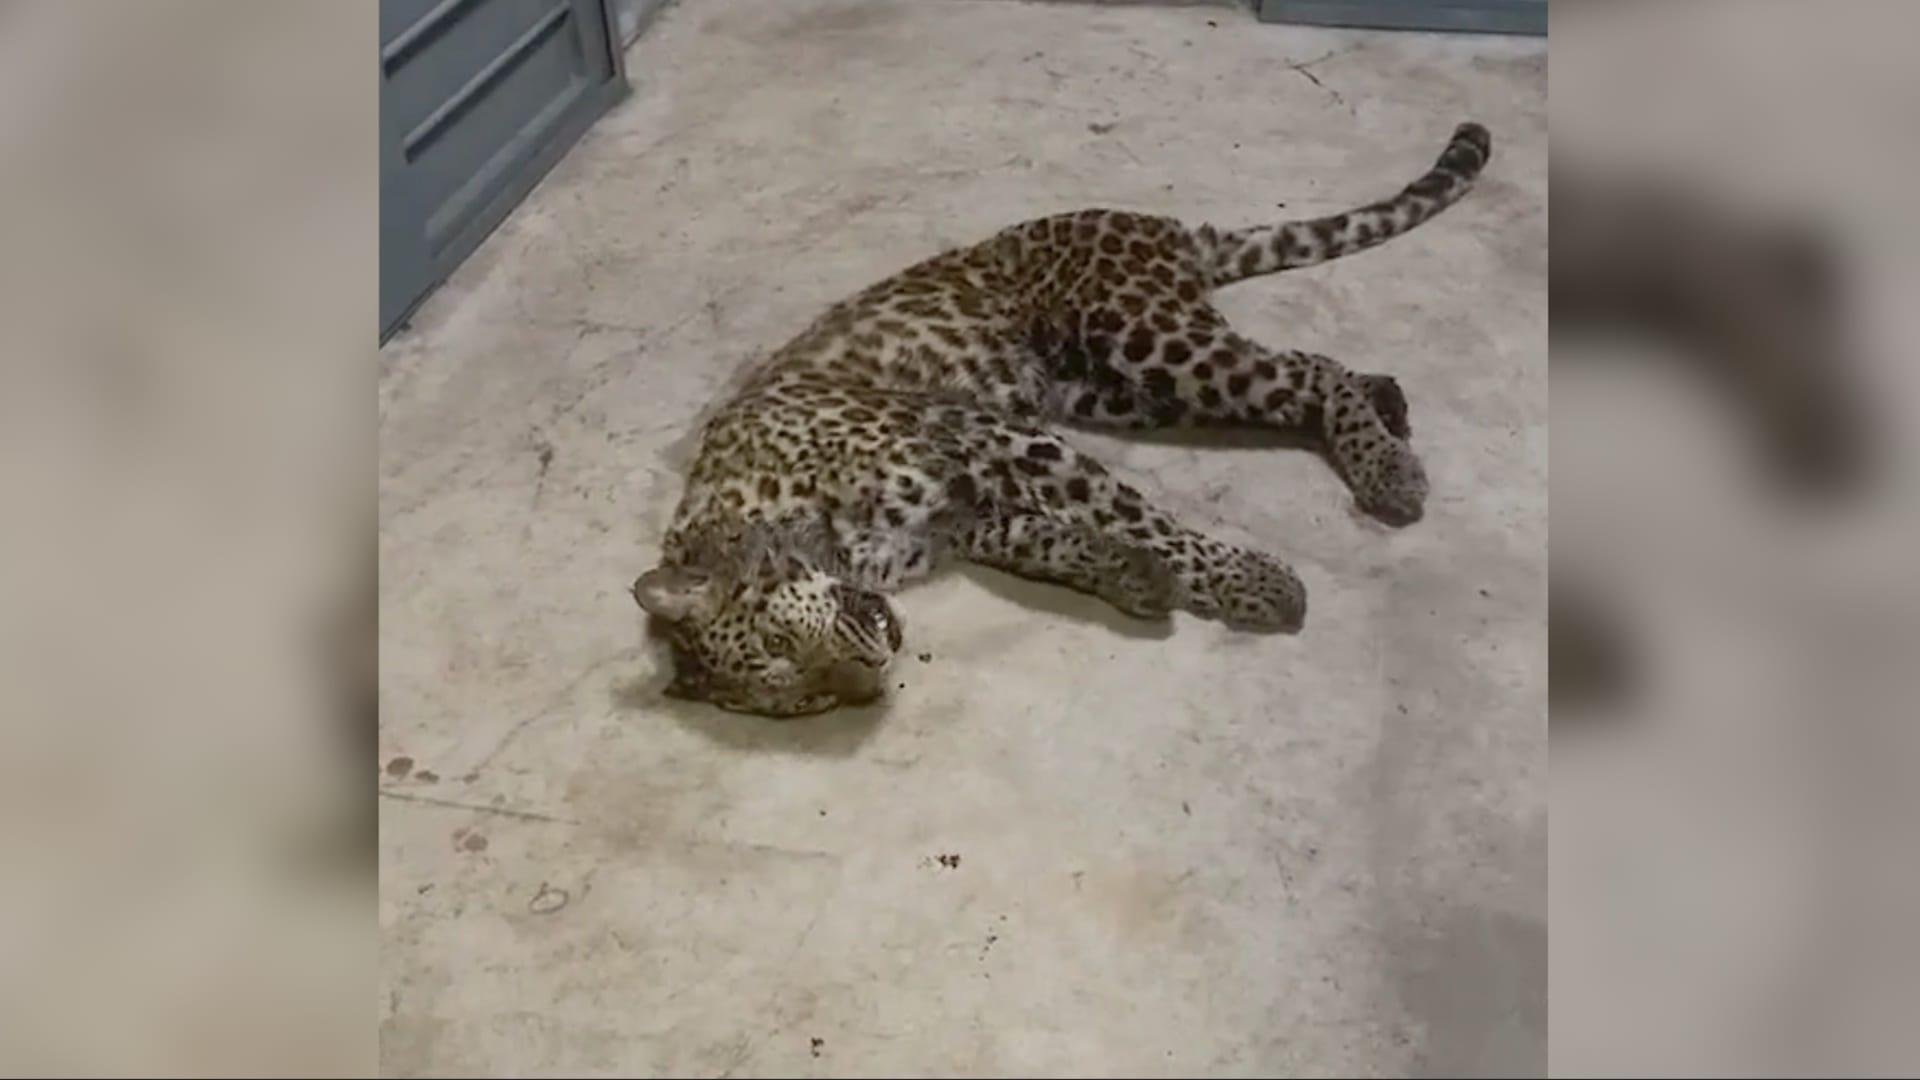 هروب 3 نمور من حديقة حيوانات بالصين وعدم إشعار الجمهور لمدة لأسبوع